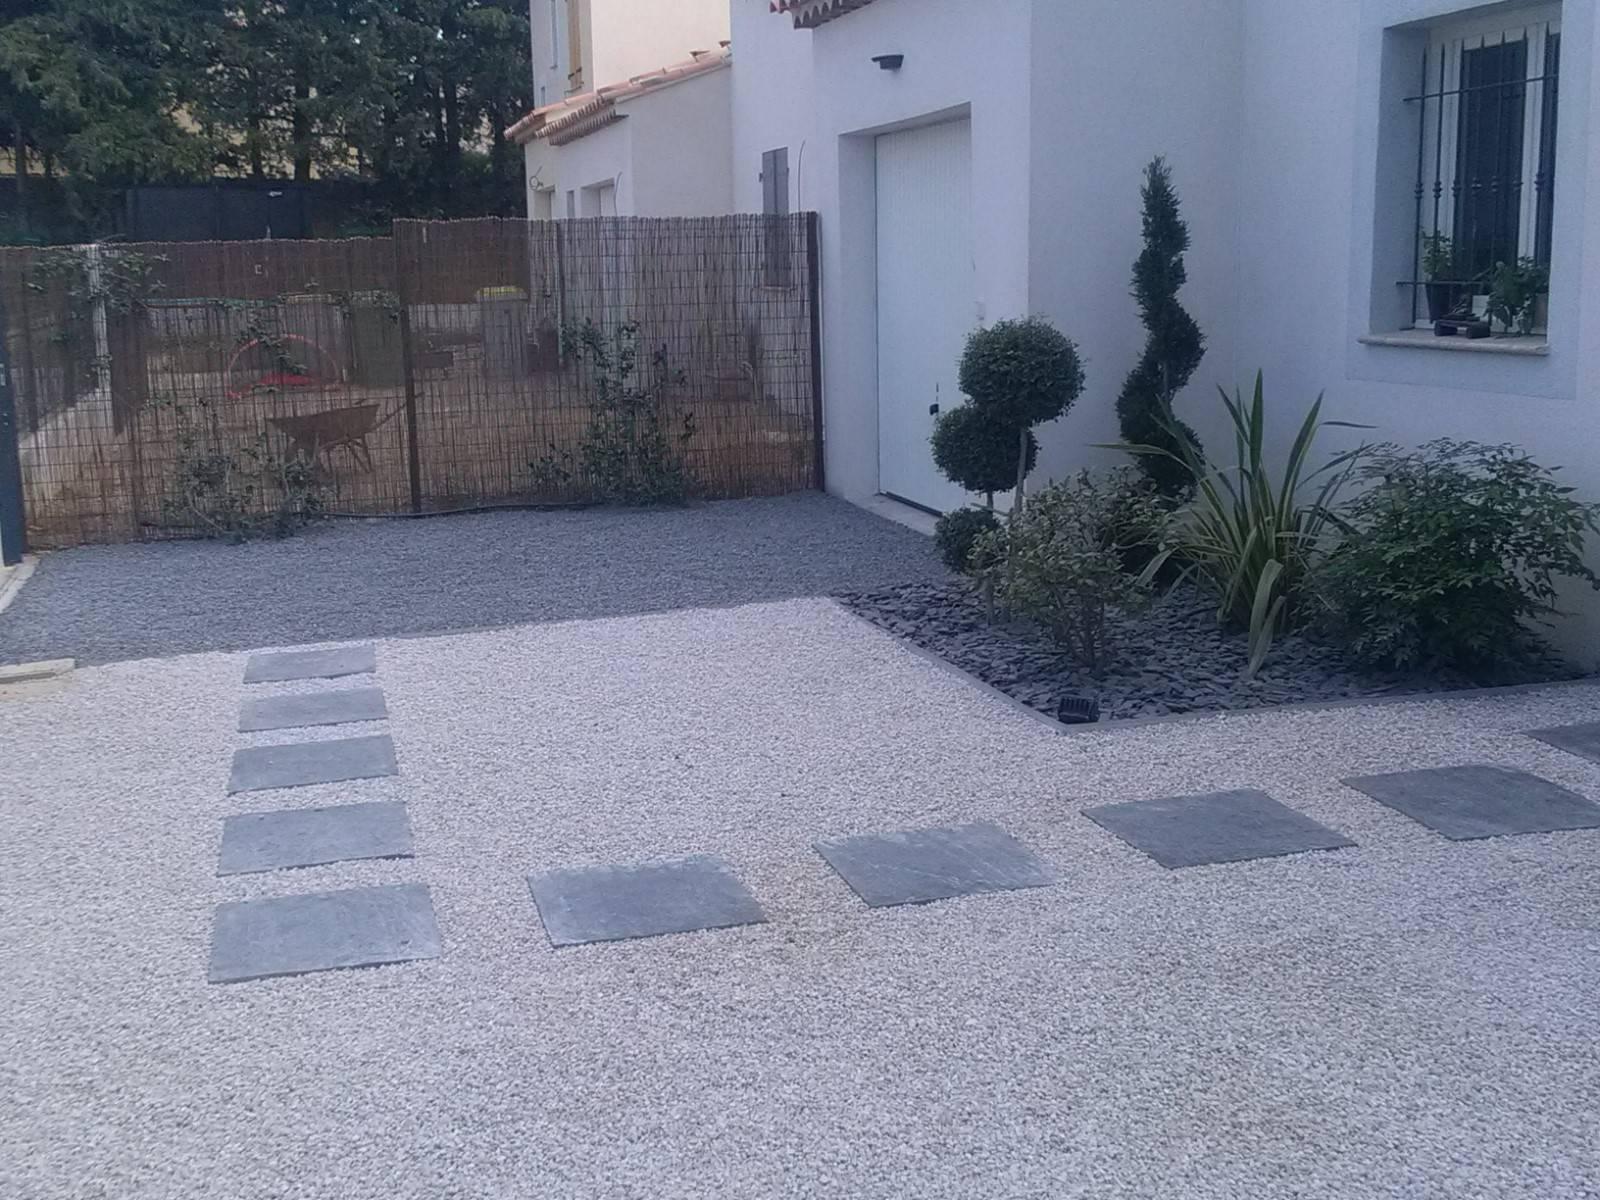 Gravier Autour De La Maison aménagement d'un jardin contemporain autour d'une villa avec